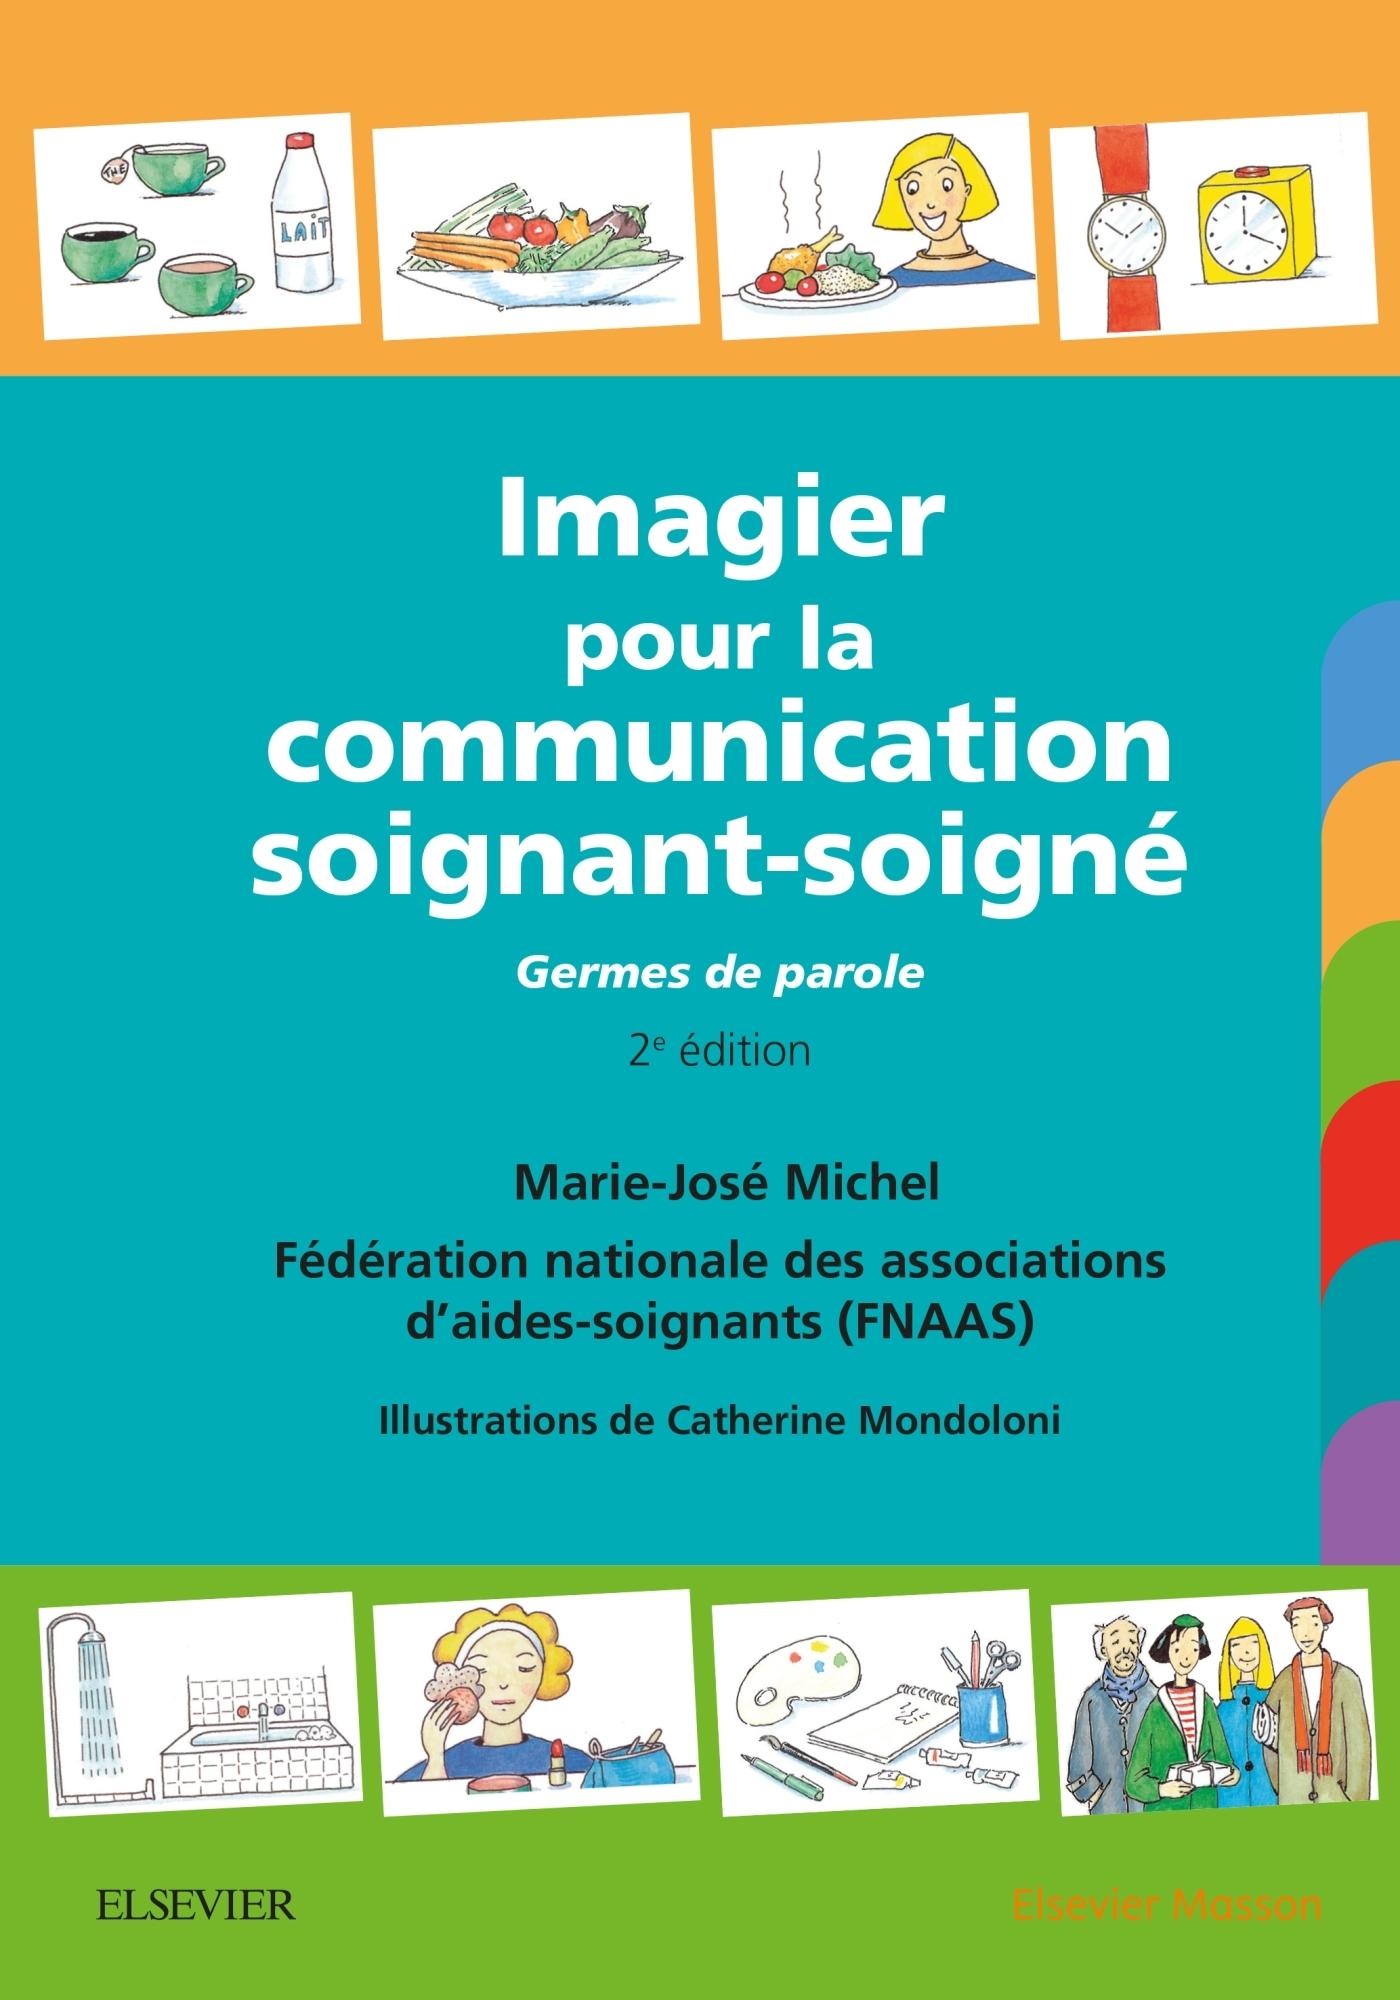 IMAGIER POUR LA COMMUNICATION SOIGNANT-SOIGNE